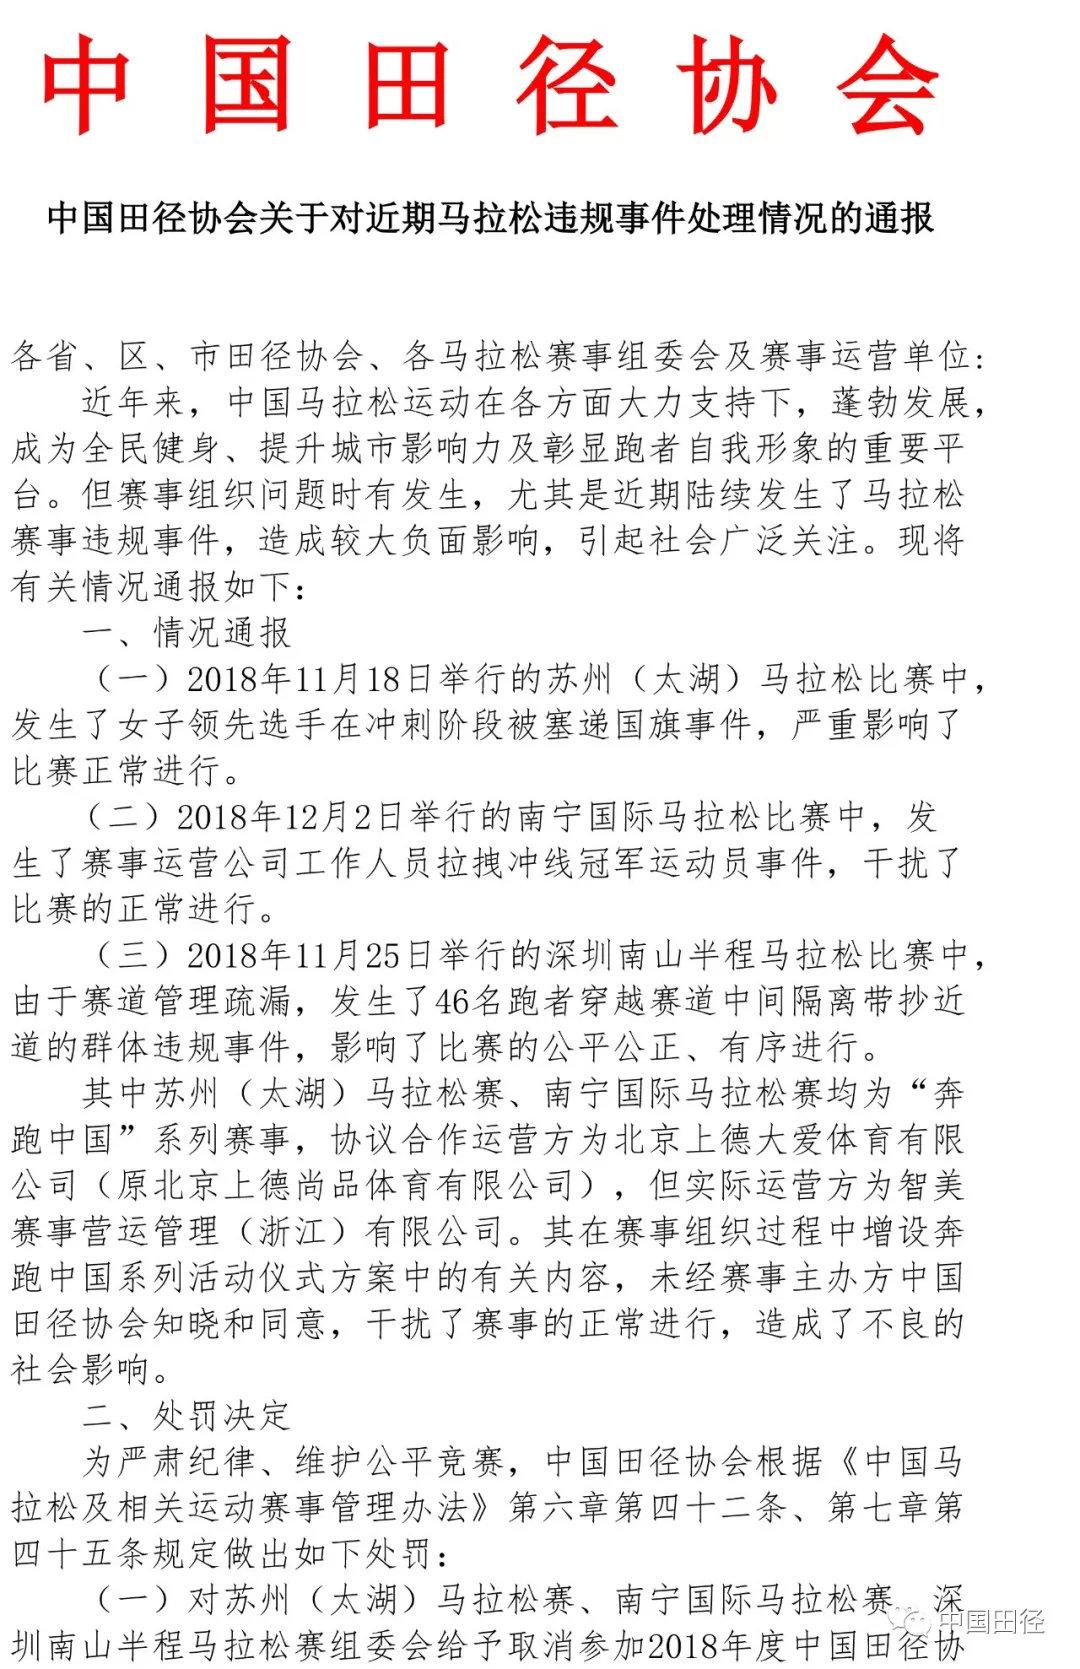 中国田协对马拉松抄近道、递国旗等违规事件作出处罚